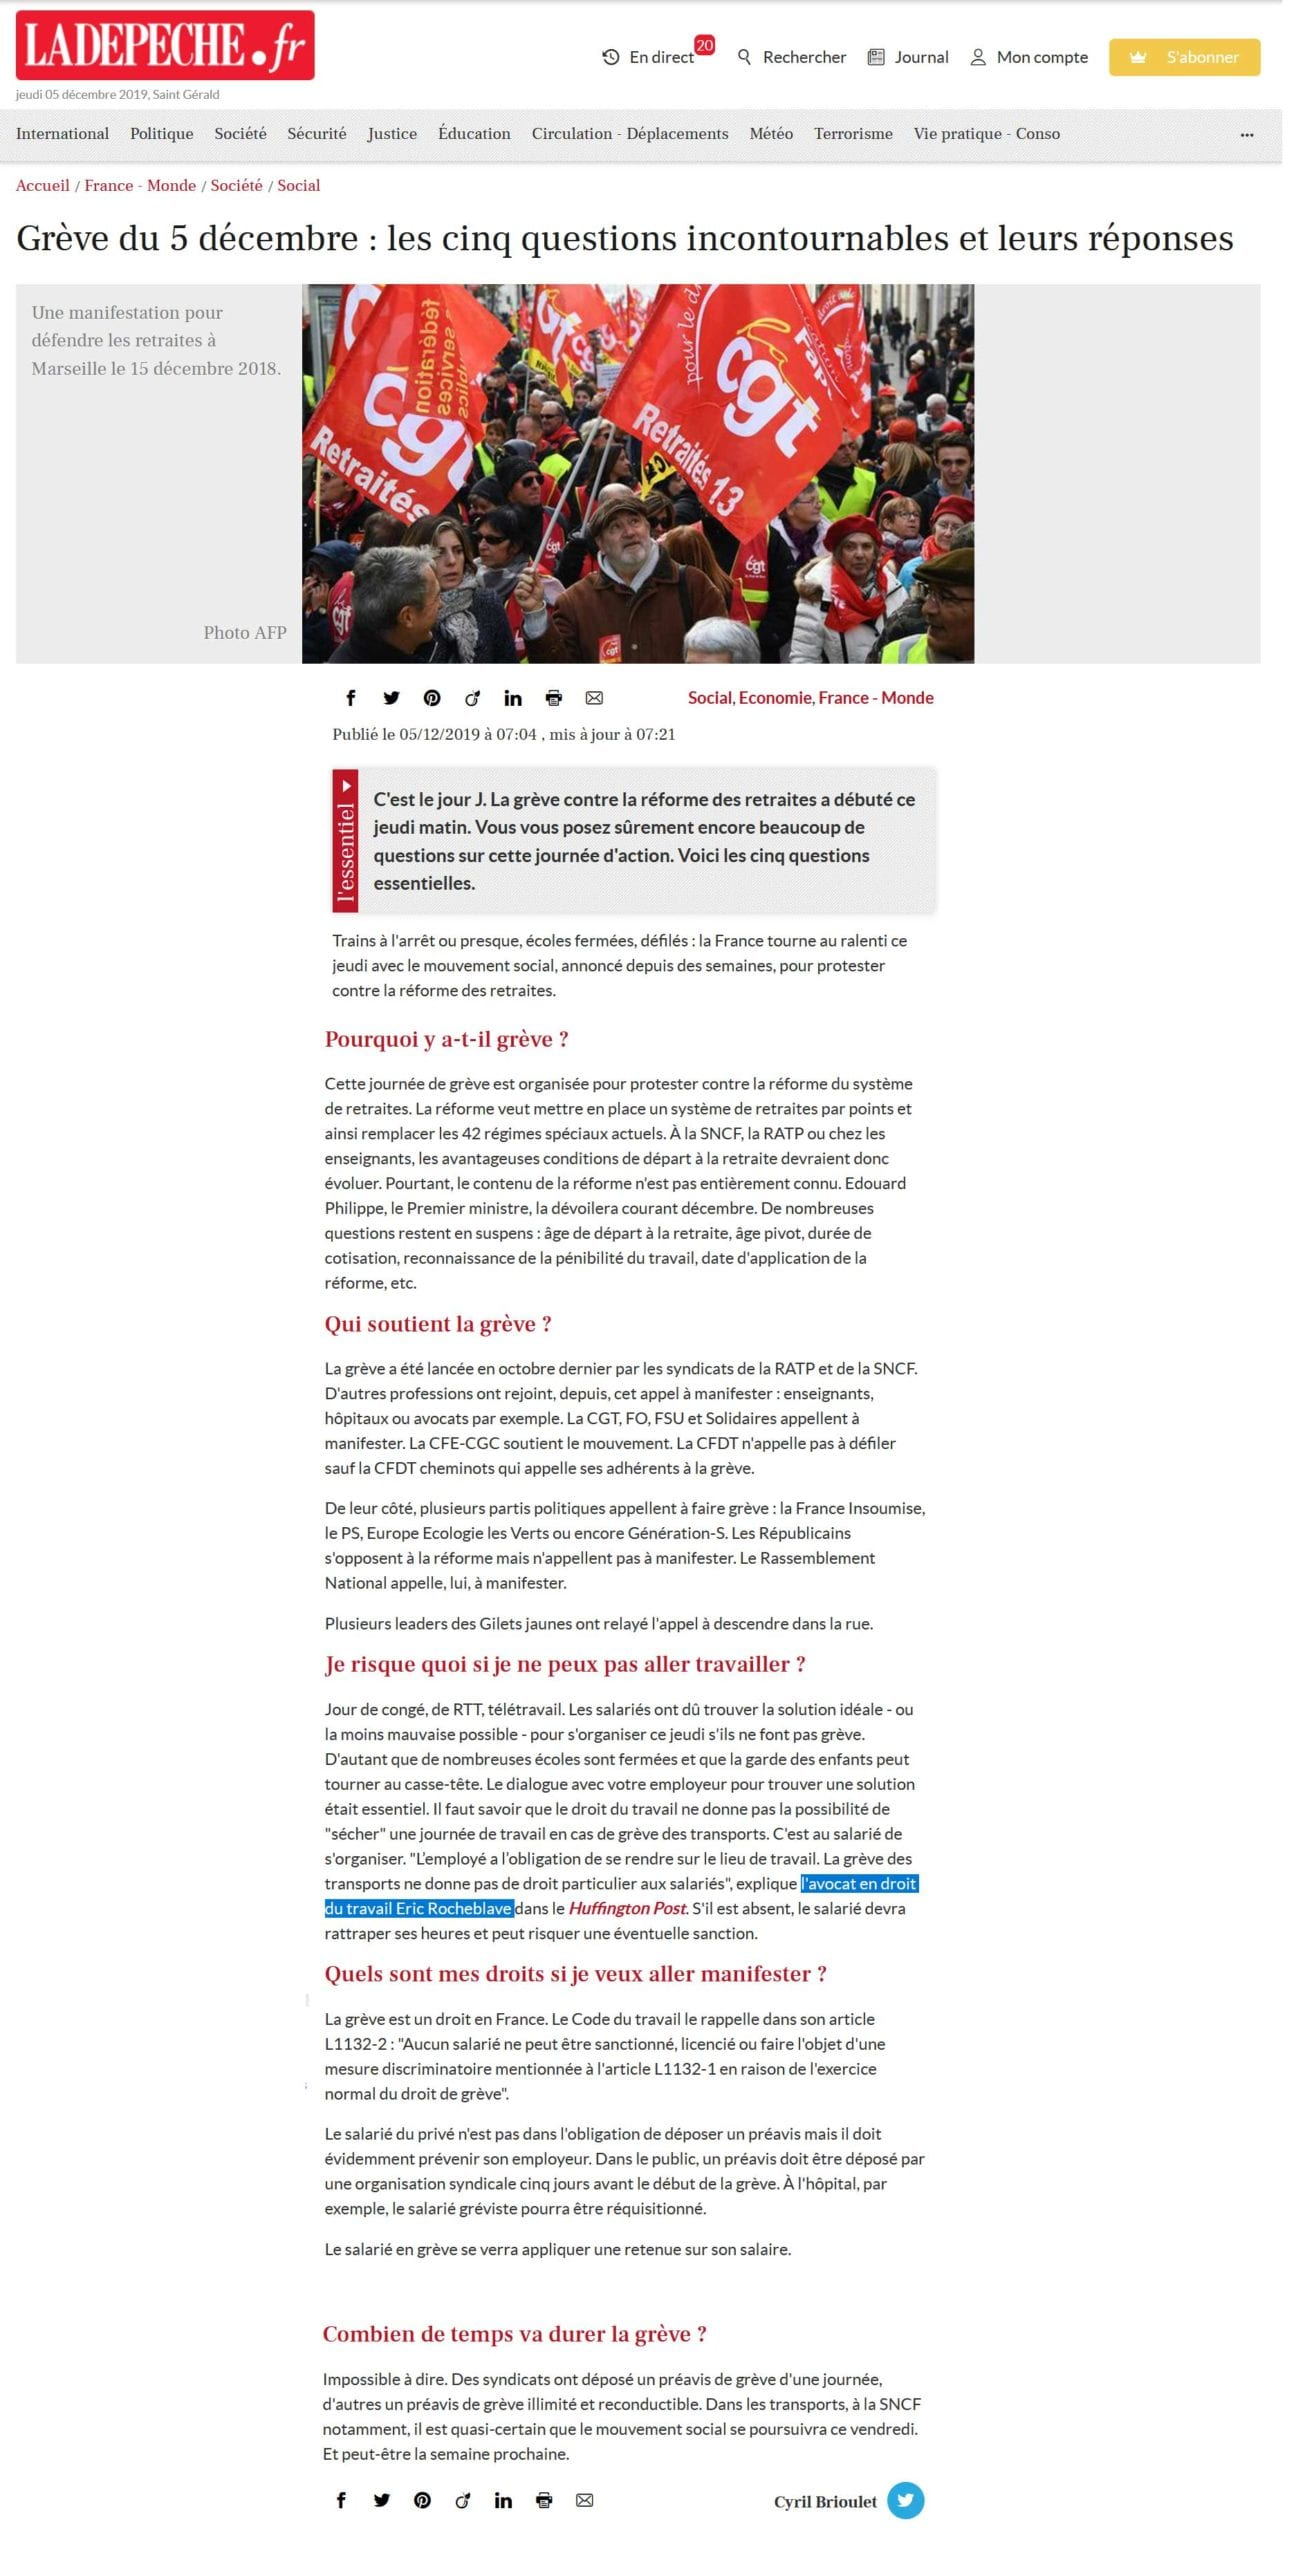 « Grève du 5 décembre : les cinq questions incontournables et leurs réponses » Interview LA DÉPÊCHE Maître Eric ROCHEBLAVE